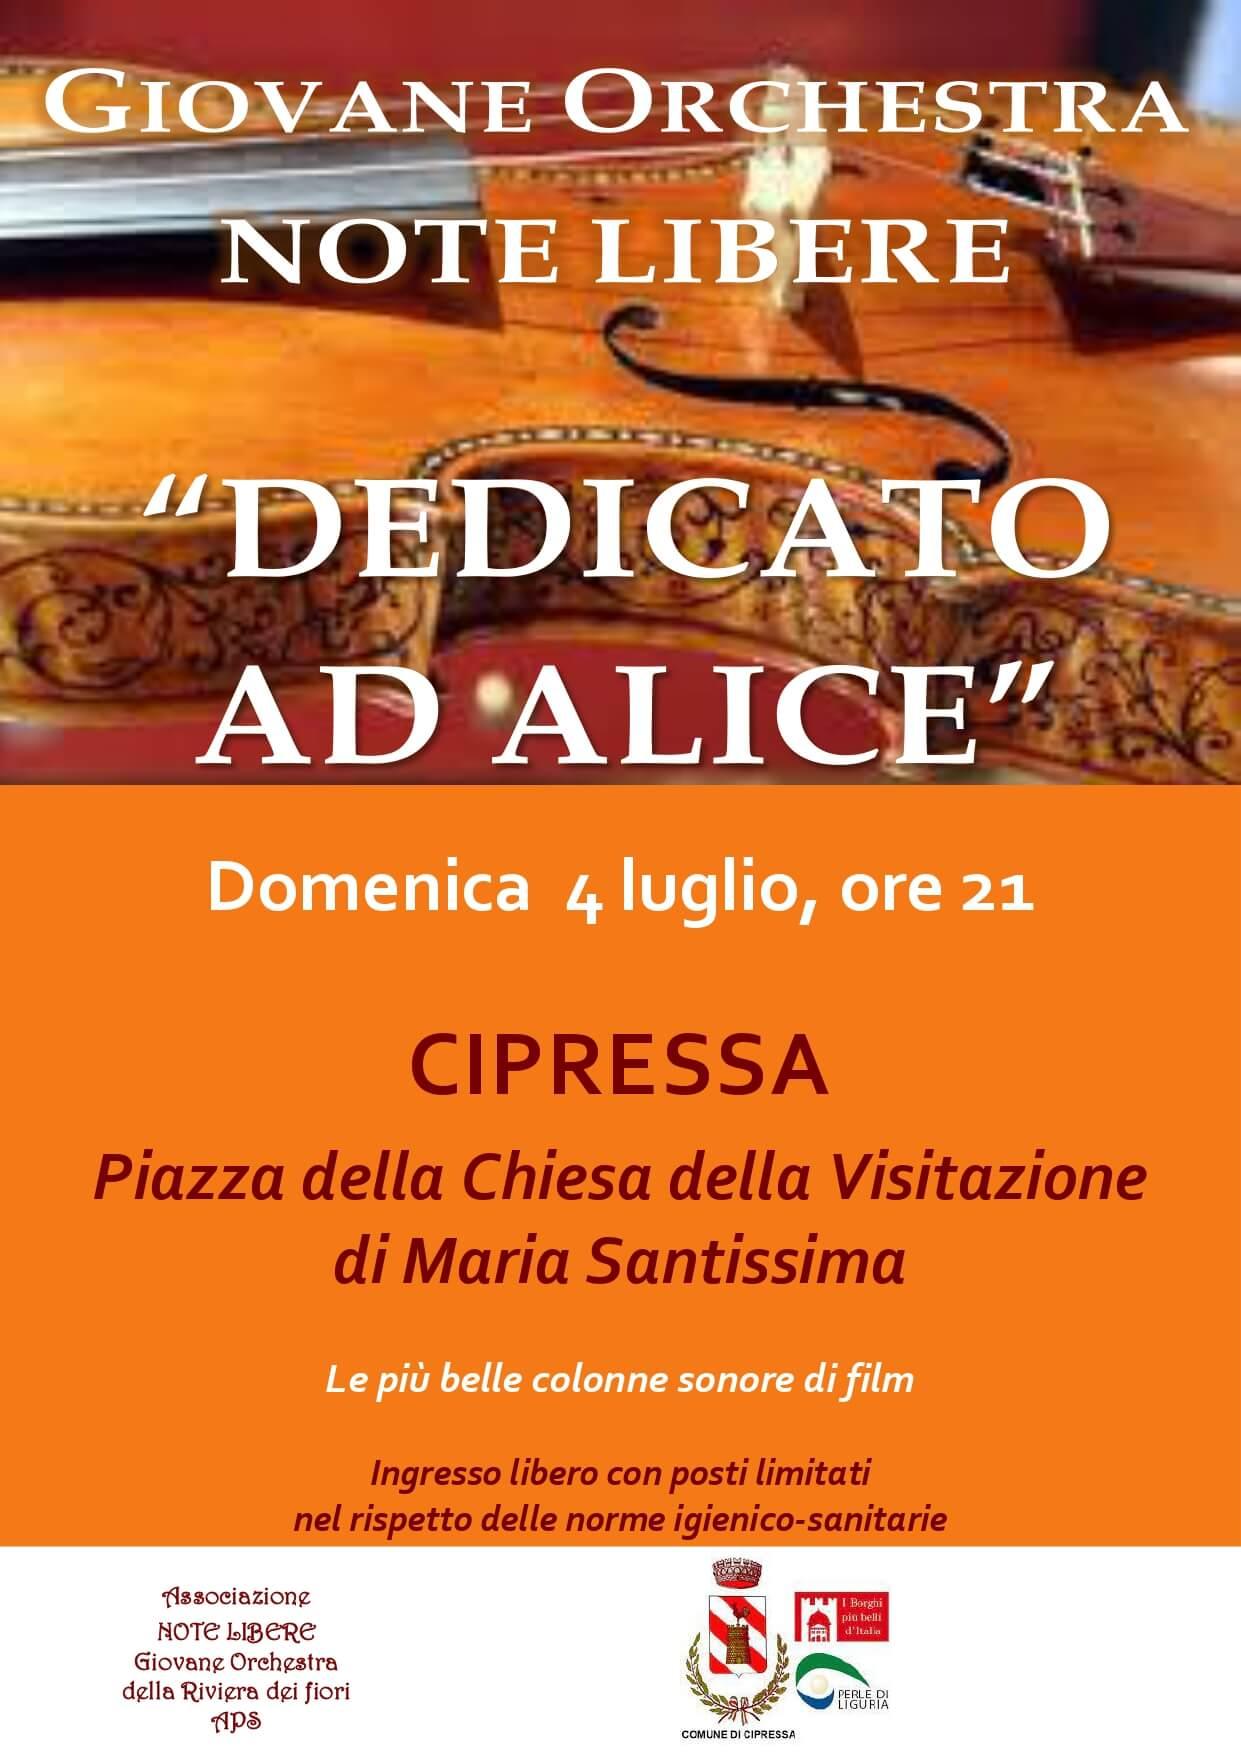 _Locandina Cipressa 4-7-21 Note libere_page-0001 (1)